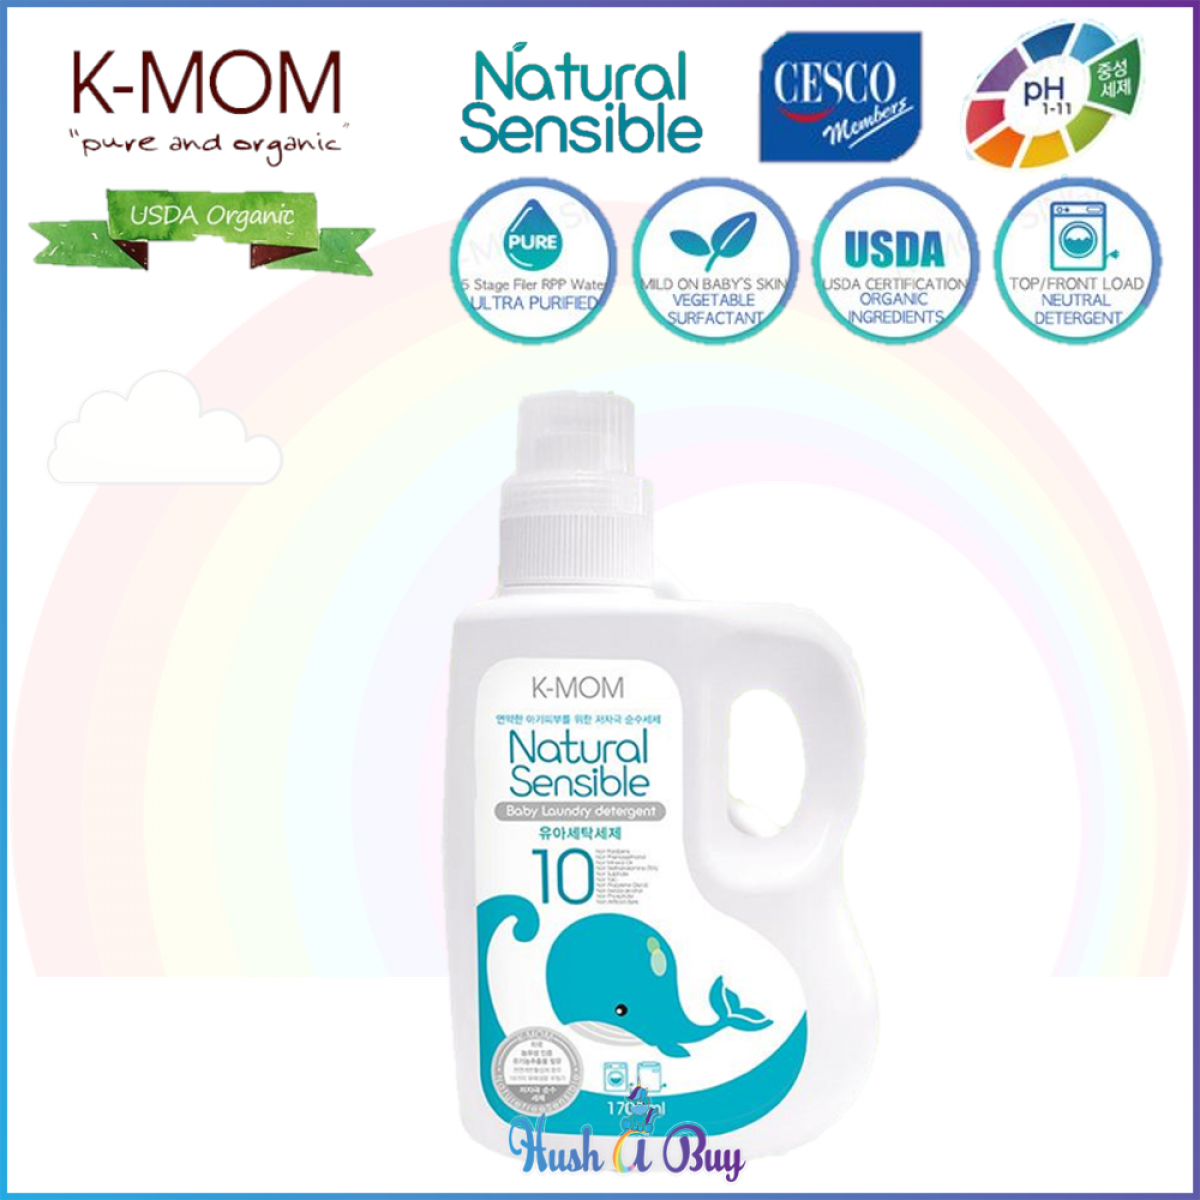 K-MOM USDA Organic Laundry & Floor Detergent Bottle 1700ml